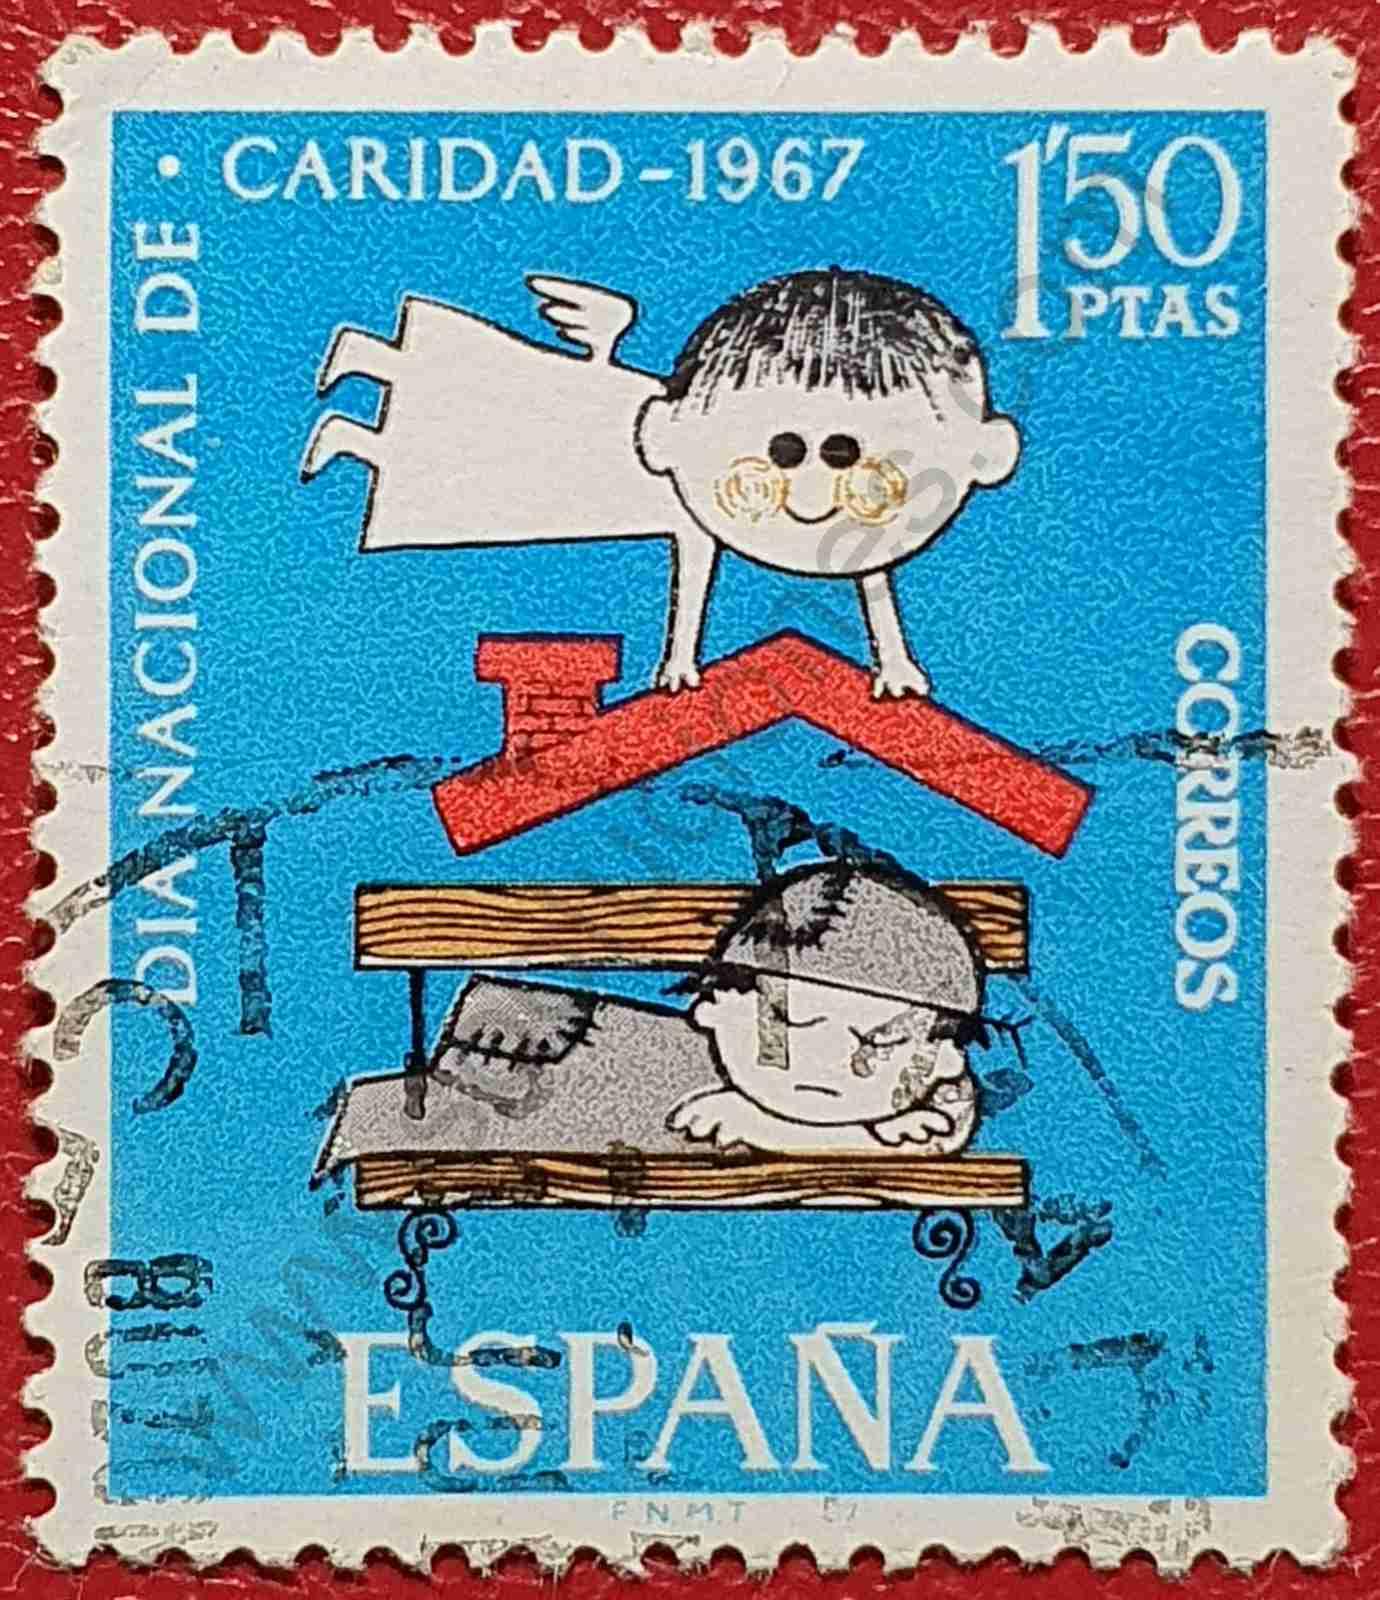 Sello Día nacional de la caridad - España 1967